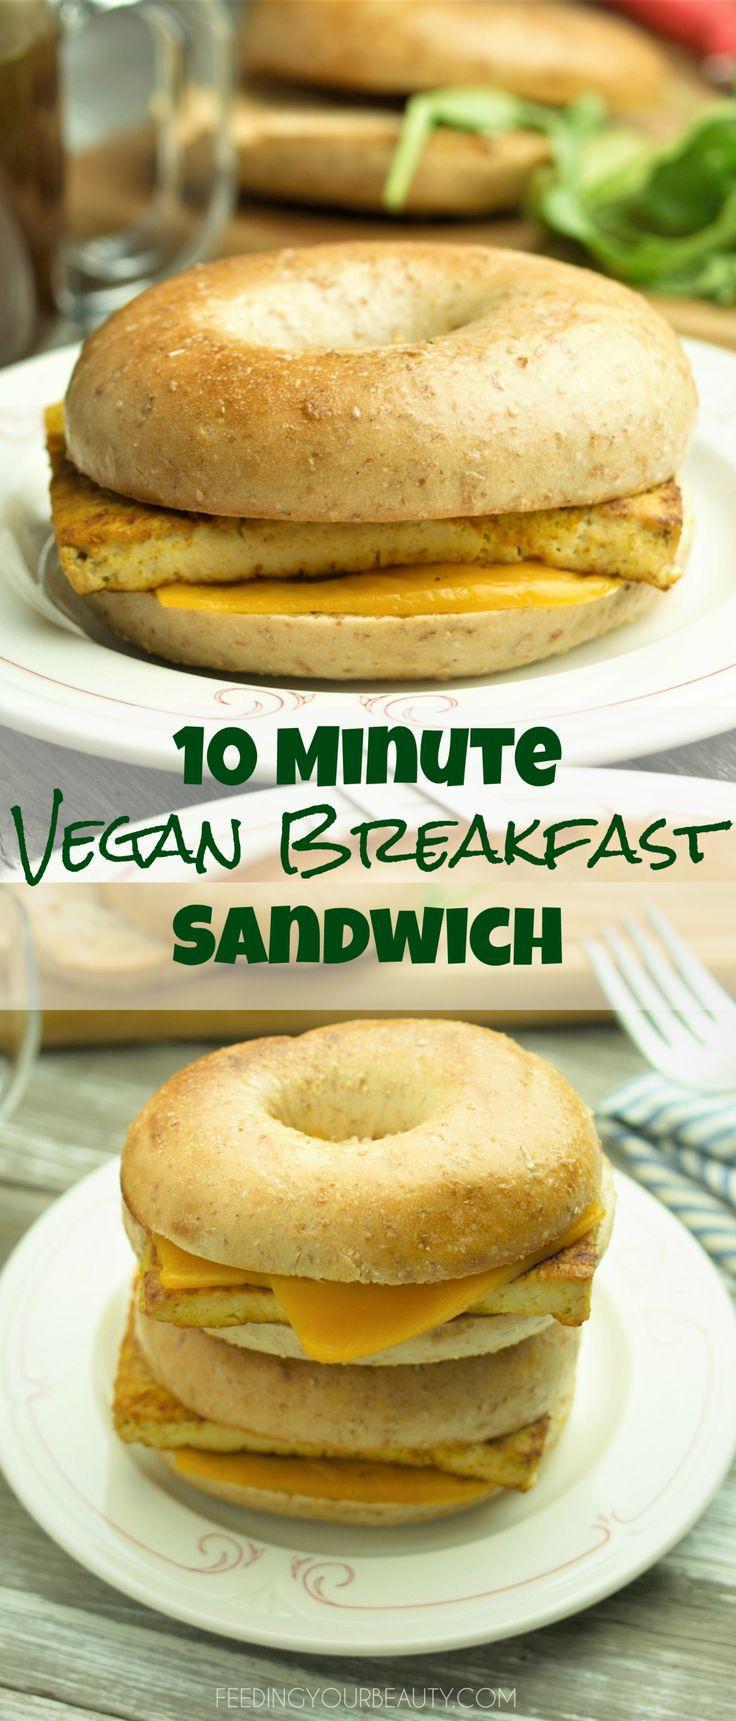 10 Minute Vegan Breakfast Sandwich